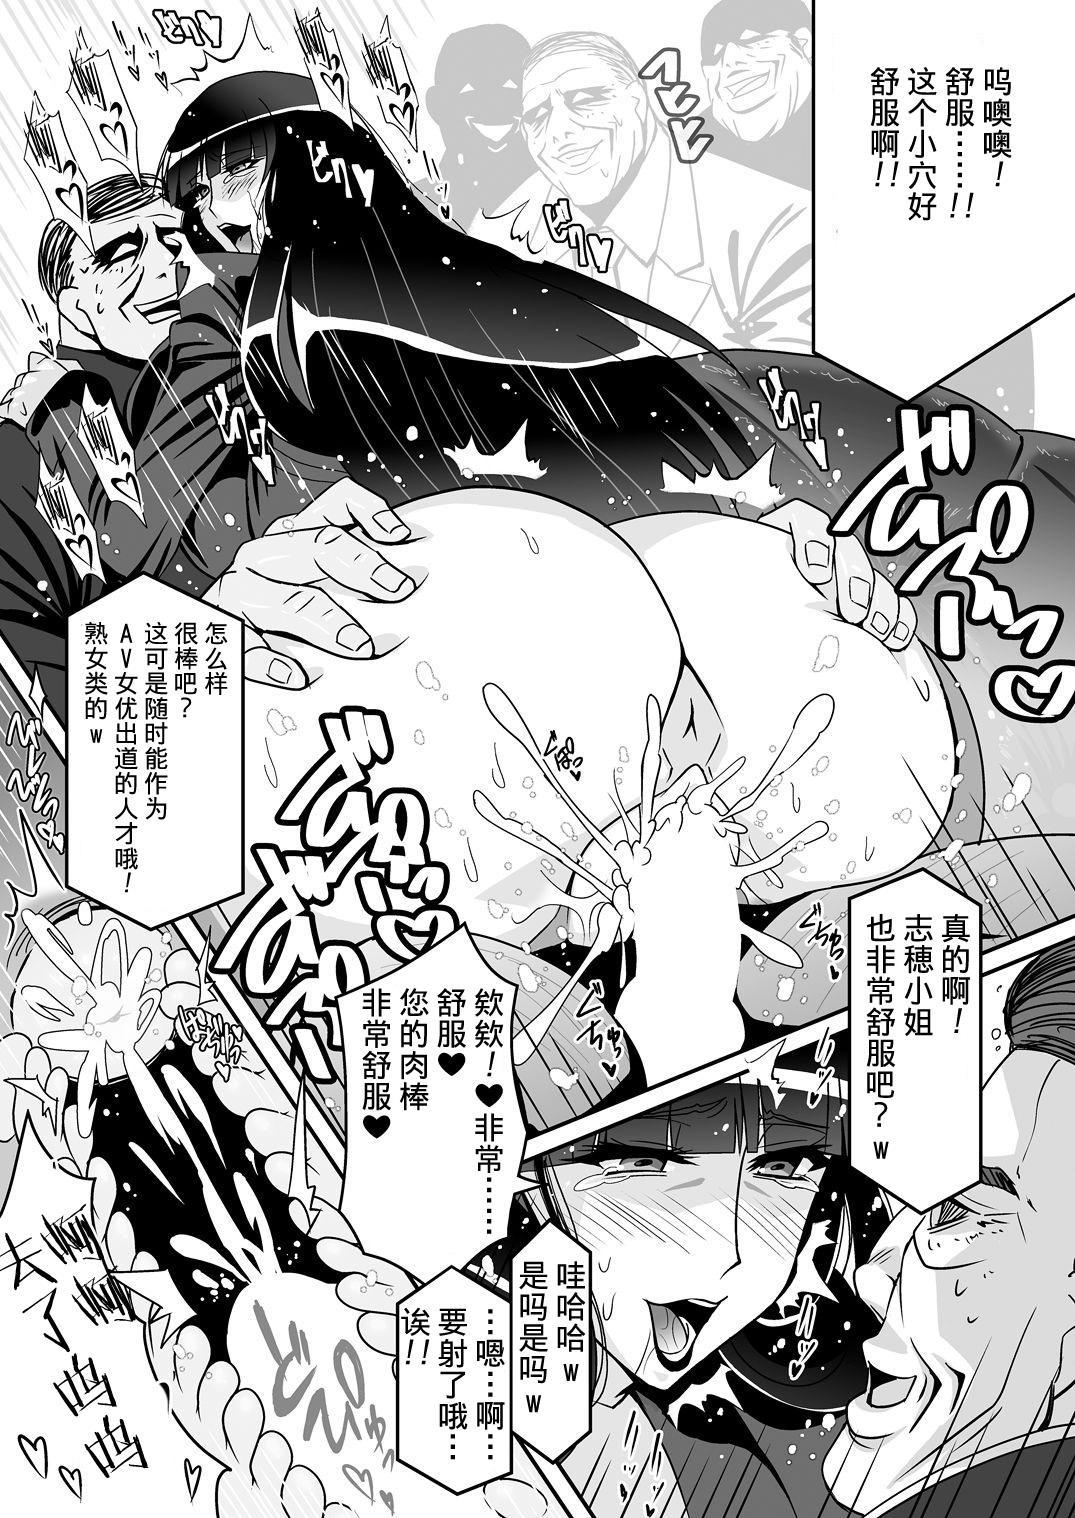 Sore wa Itsumo no Seisettai 18